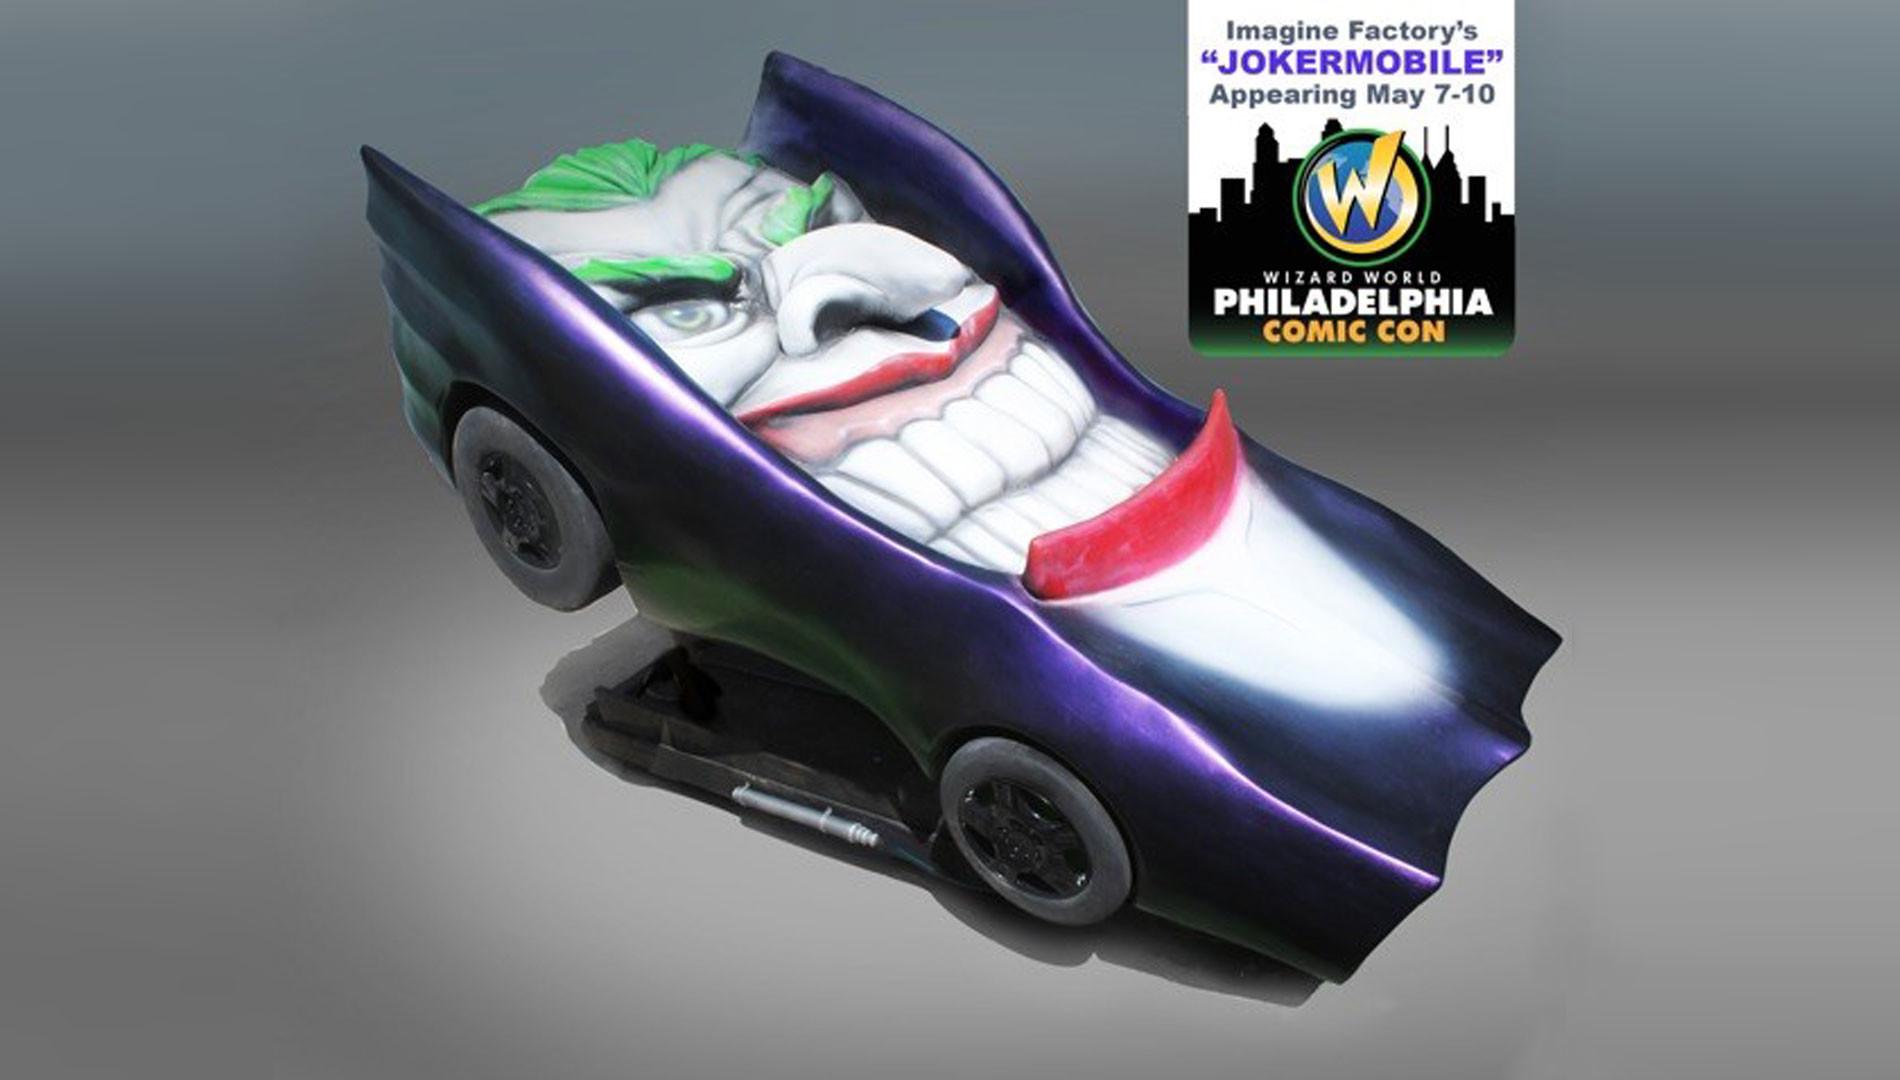 Jokermobile w/ Comic con logo